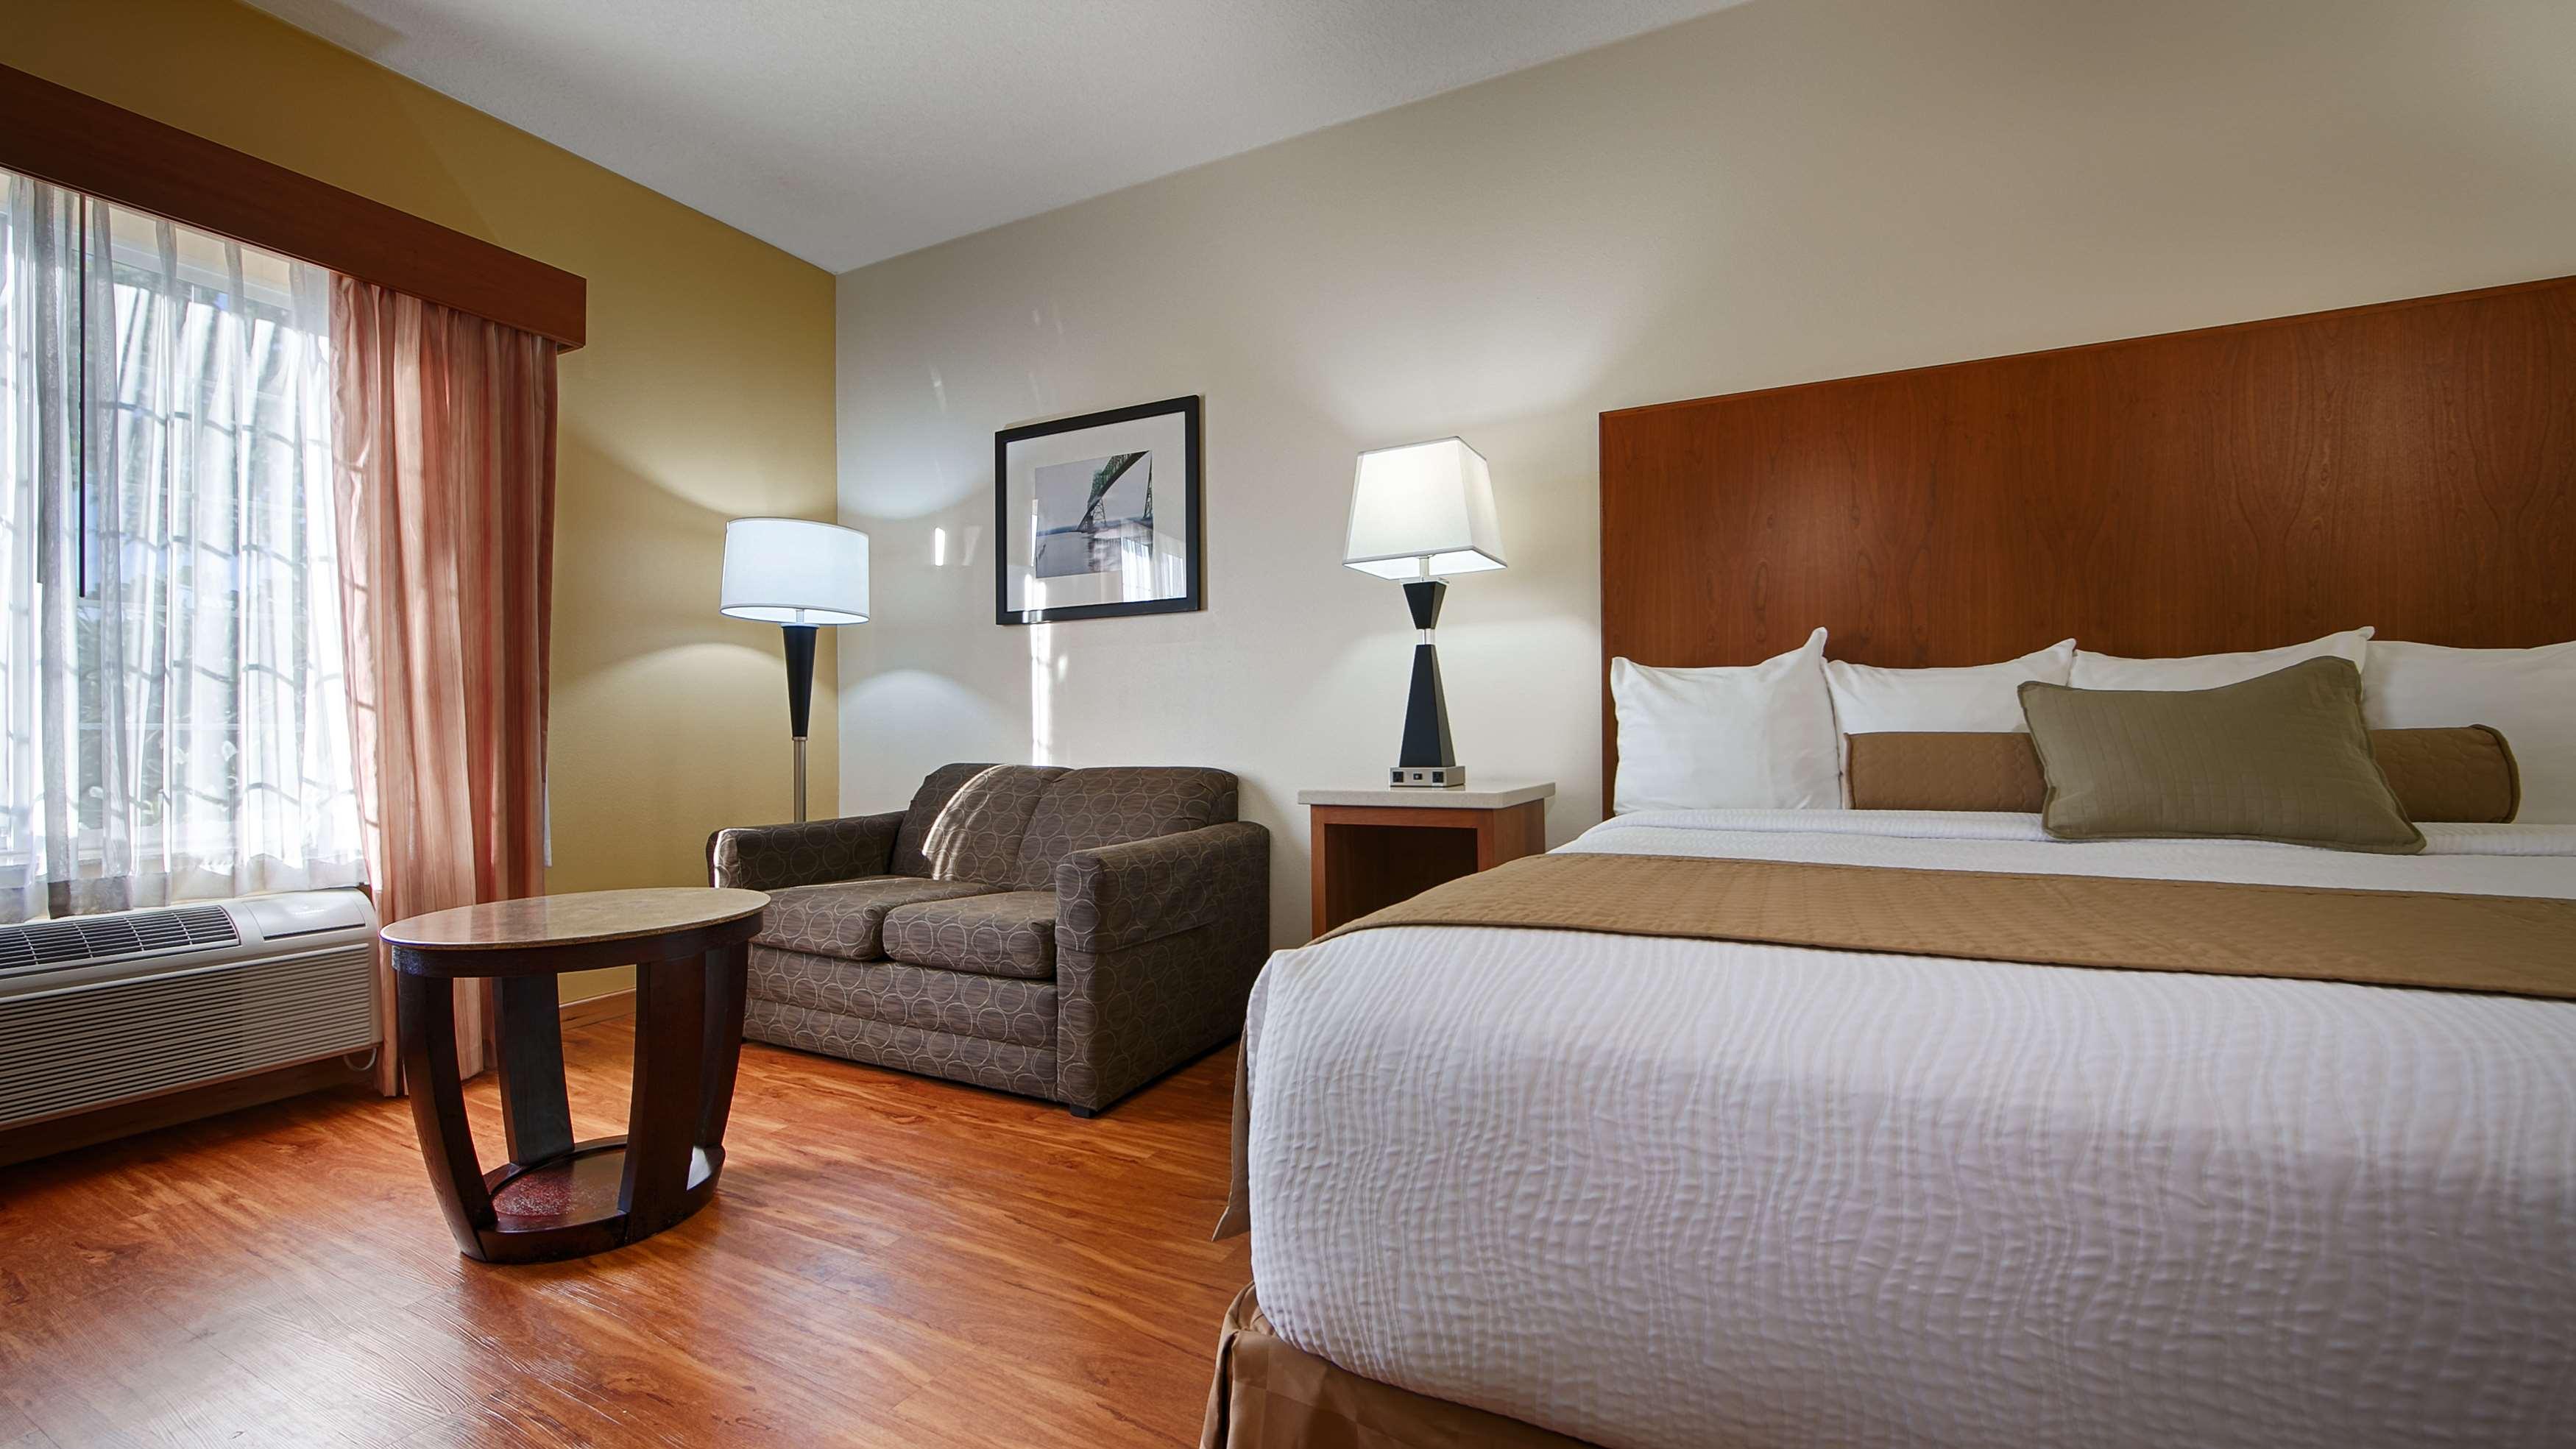 Best Western Plus Park Place Inn & Suites image 15